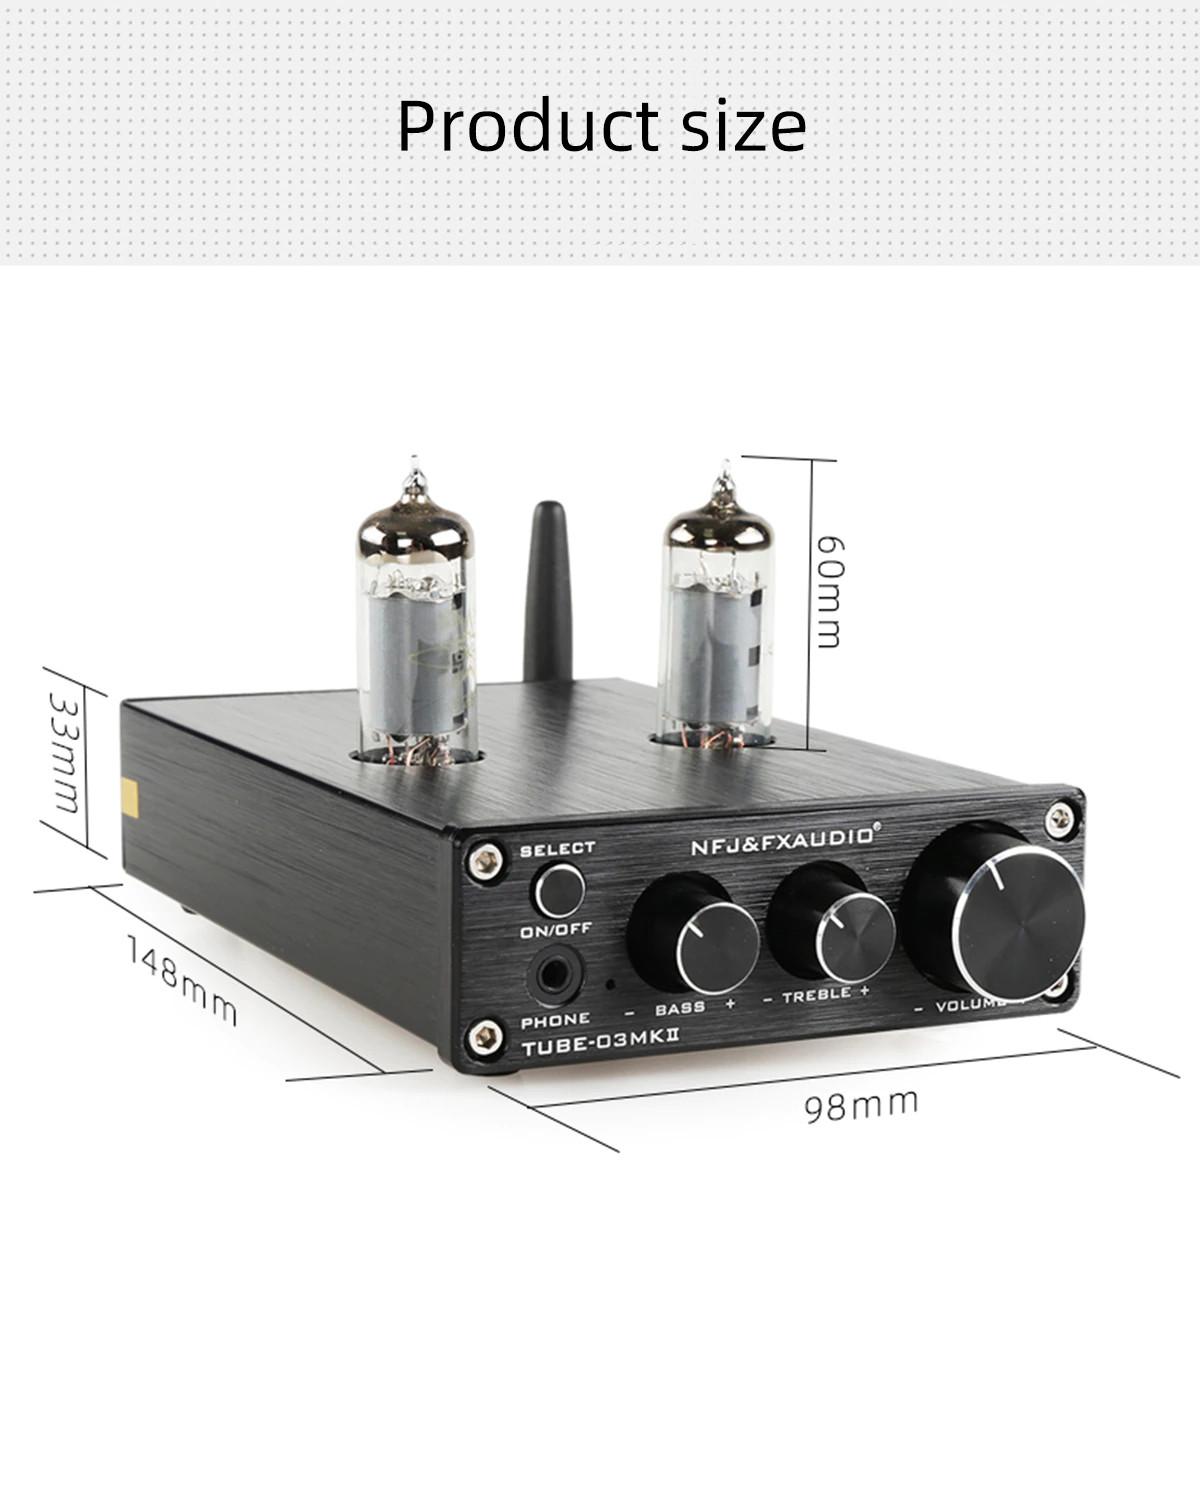 Bộ Preamplifier FX-AUDIO TUBE-03 MKII Bản Nâng Cấp Dùng Bóng 6K4 Chipset ESS9023 Công Nghệ Bluetooth 5.0 HIFI Audio Treble Bass Adjustment Pre-amps DC12V - Hàng Chính Hãng